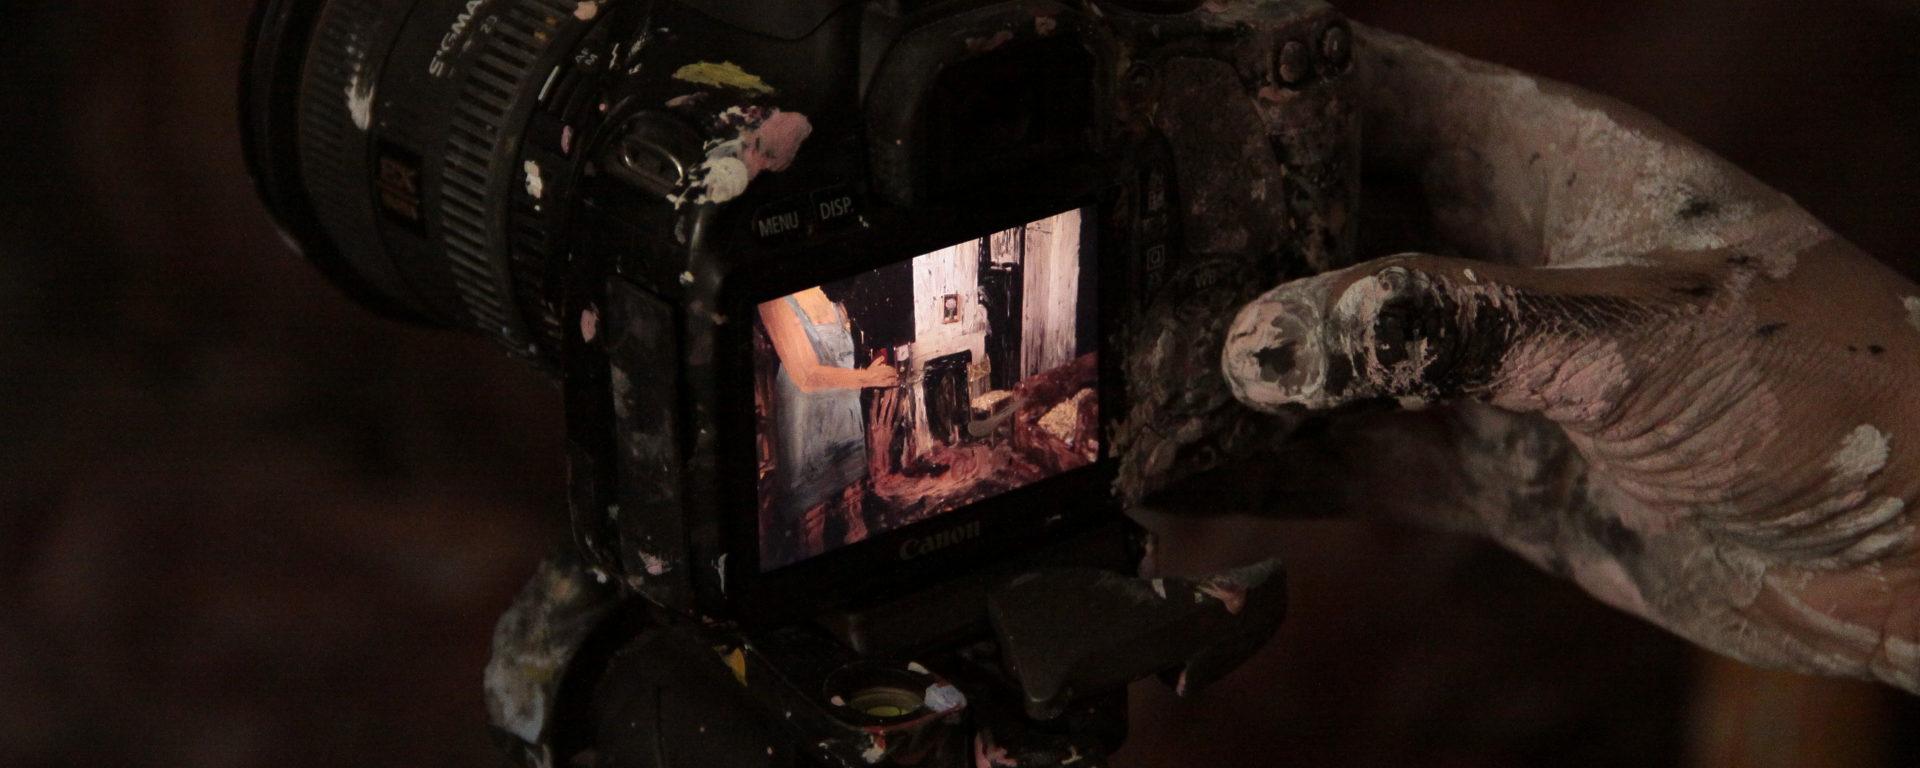 Cultural Hater Discusses La Casa Lobo With Cristobal Leon & Joaquin Cocina